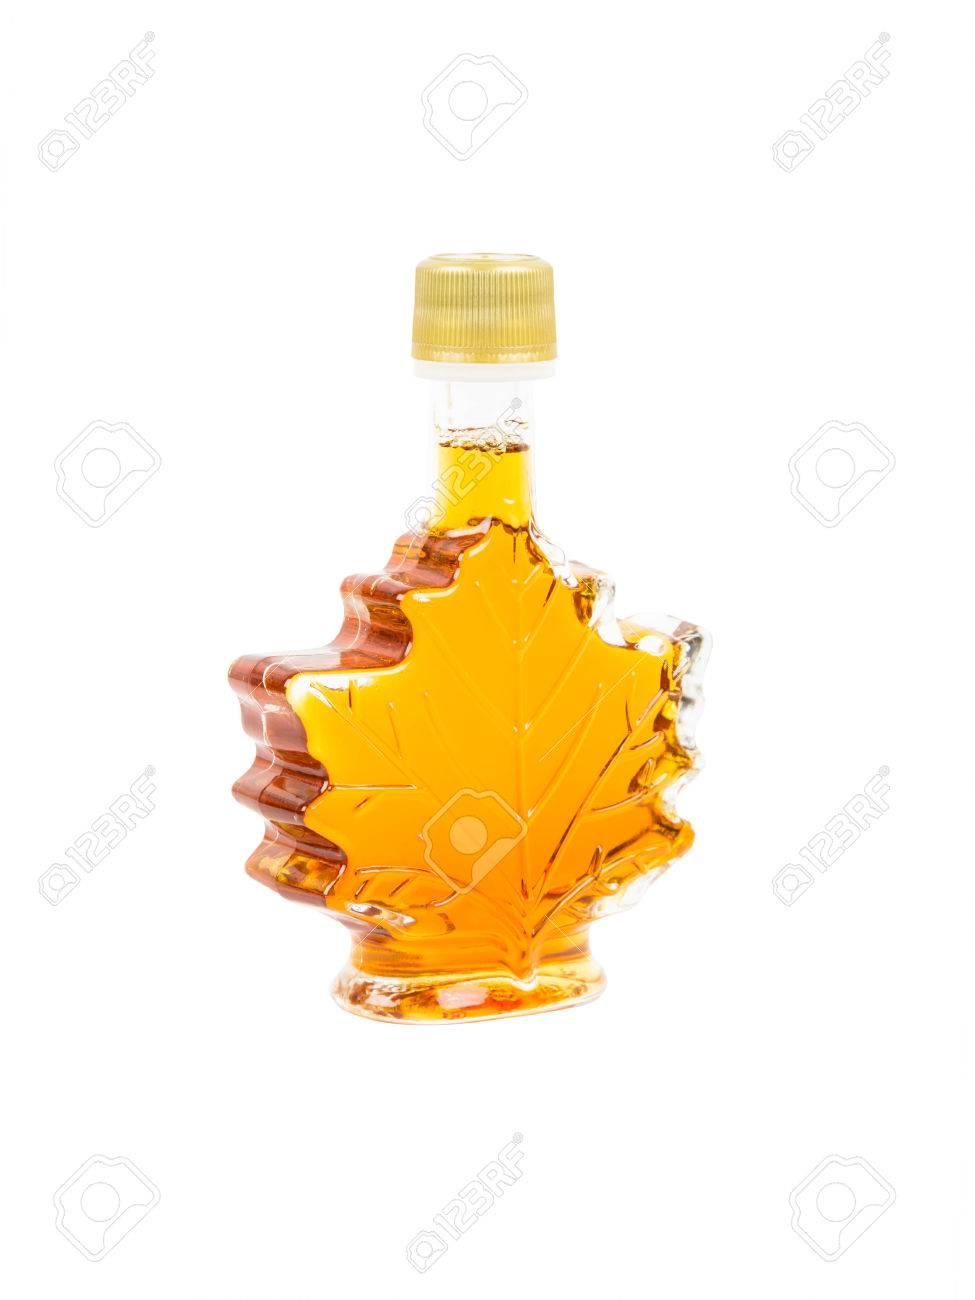 a567849c3e3 Leaf shape maple syrup bottle on white background Stock Photo - 36415623